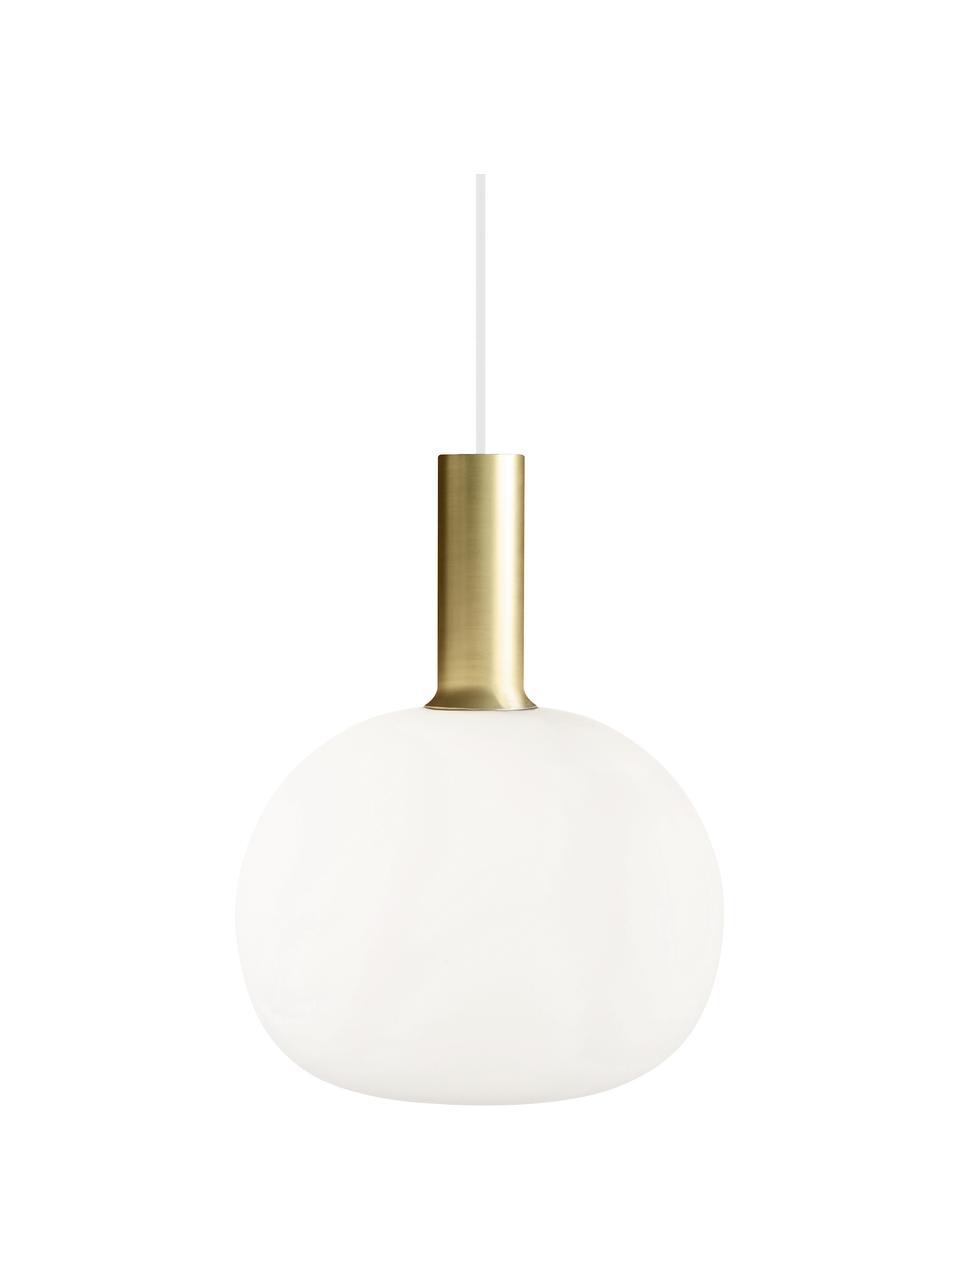 Kleine Pendelleuchte Alton aus Opalglas, Lampenschirm: Opalglas, Baldachin: Kunststoff, Messing, Weiß, Ø 25 x H 33 cm